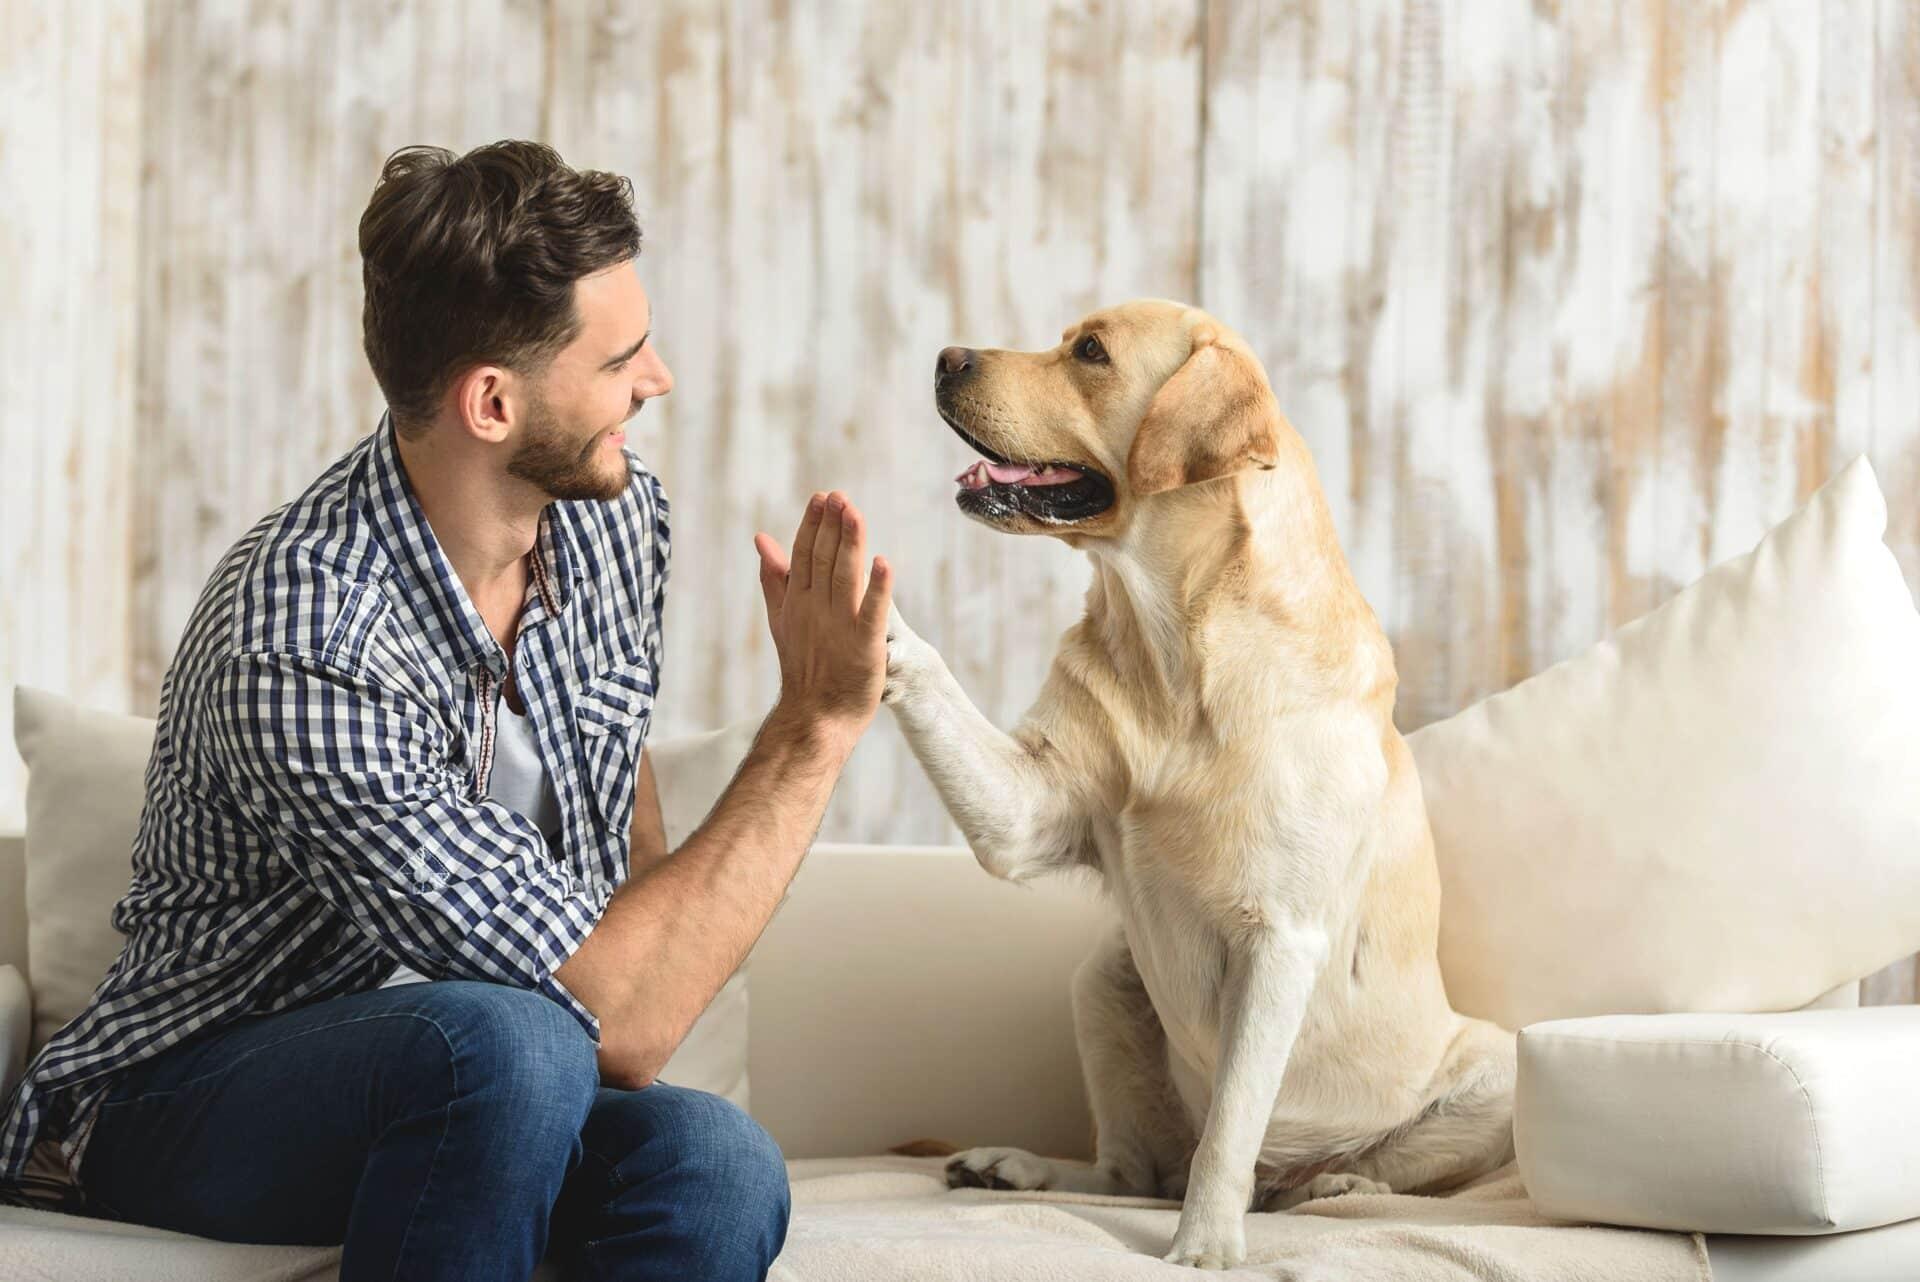 Wissenswertes über den treuen Begleiter Hund » DER HUND